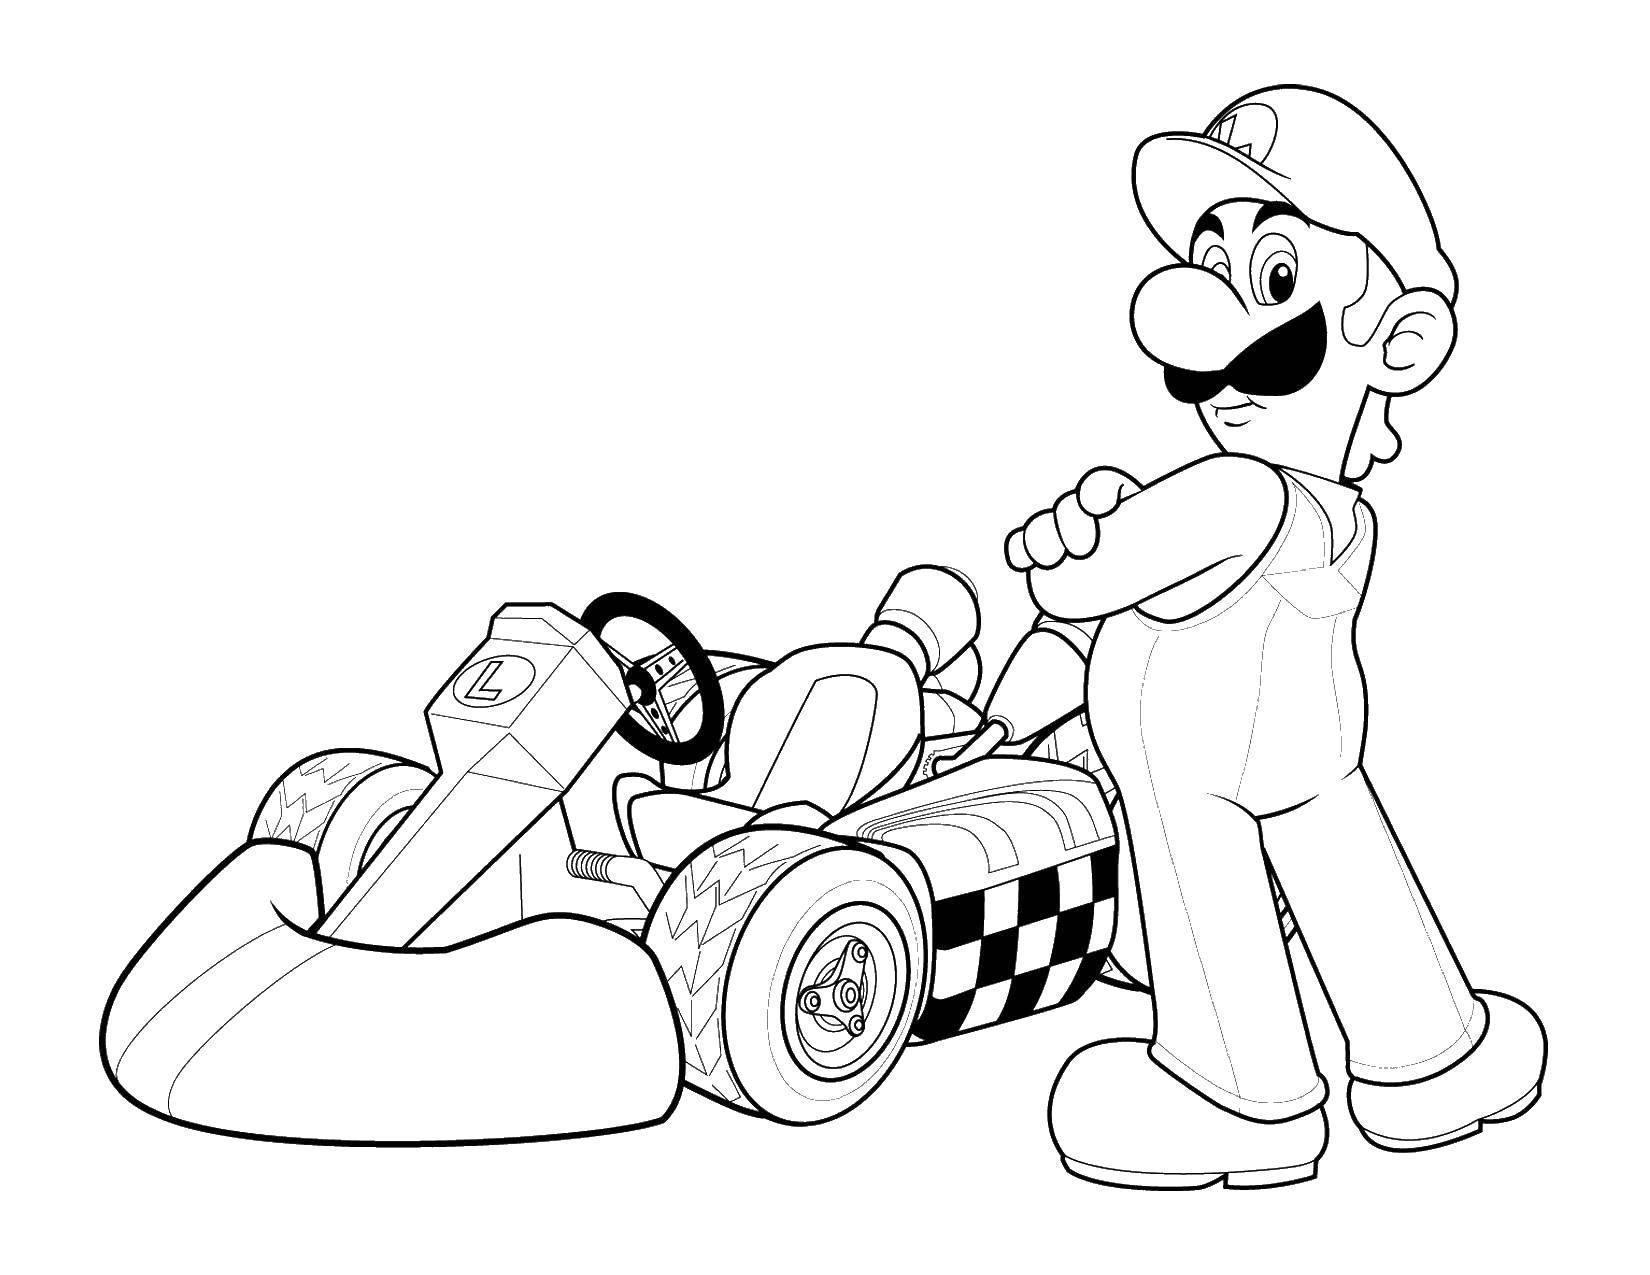 Раскраска Персонаж из игры Скачать ,Супер Марио,.  Распечатать